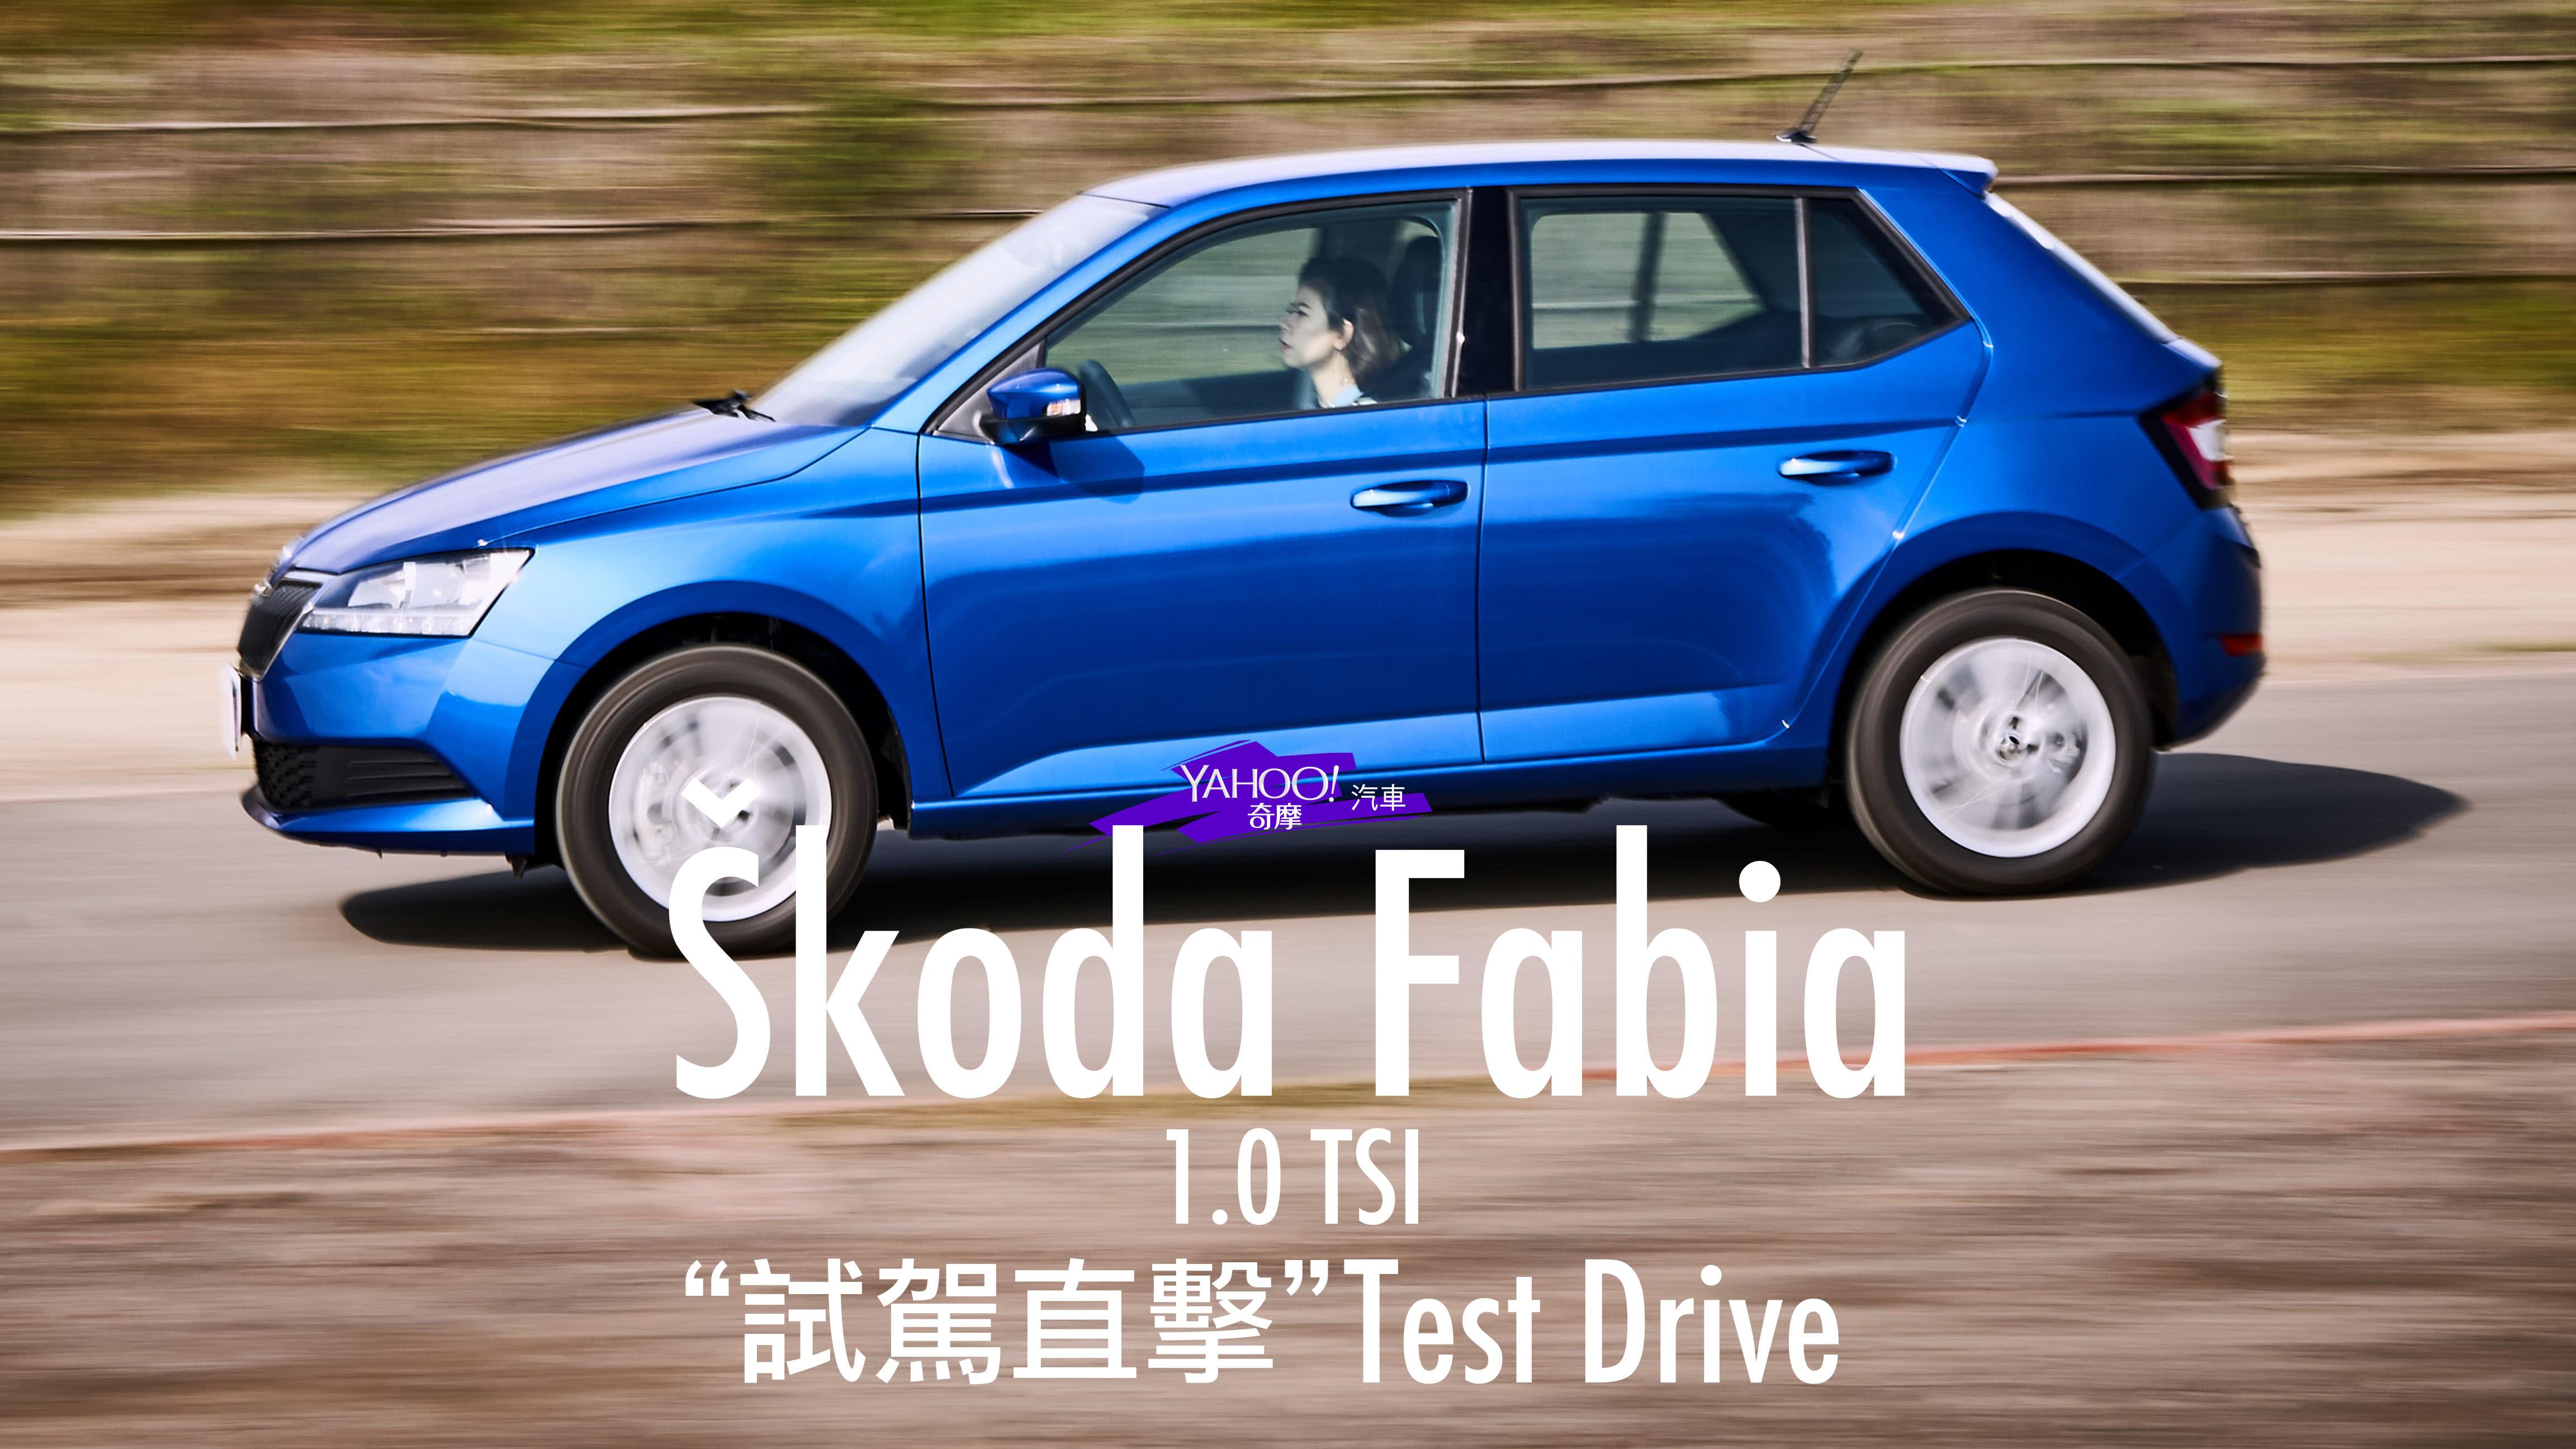 【試駕直擊】安全係數再提升!2019年式Skoda小改款Fabia港灣試駕